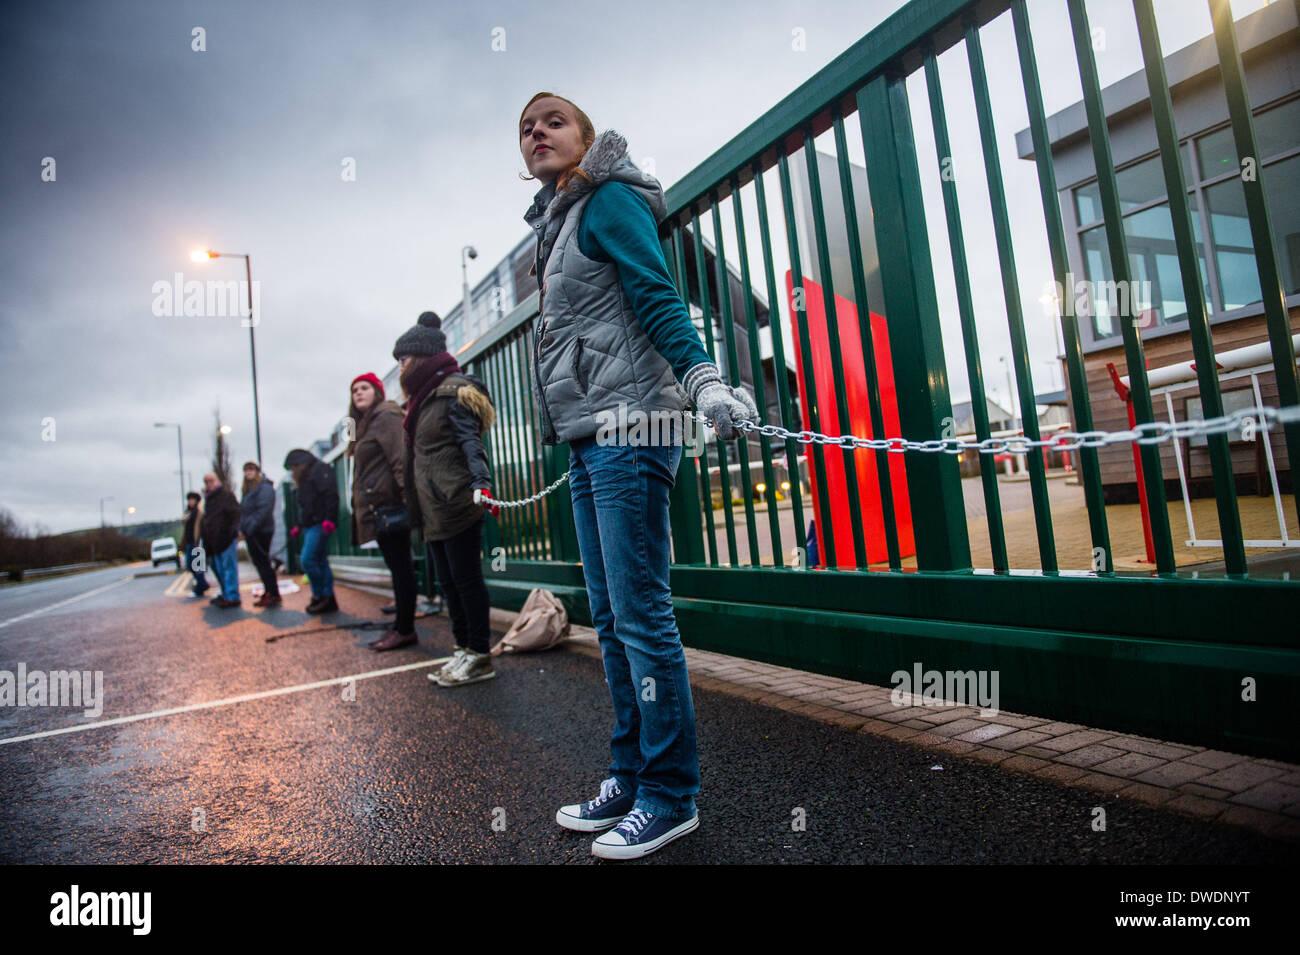 """Aberystwyth Wales Uk, Donnerstag, 6. März 2014-Mitglieder von """"Cymdeithas Jahr Iaith"""" (The Welsh Language Society) Protest Gruppe ketteten sich an die wichtigsten Eingangstore der walisischen Regierung Regionalbüros in Aberystwyth in den frühen Morgenstunden des Donnerstag, 6. März 2014. Die Aktion ist Teil einer Serie-Sprache, die Aktivisten im Frühjahr in Reaktion auf die Krise in den Zahlen der Waliser Lautsprecher in Wales von vor einem Jahr veröffentlichten Ergebnisse der Volkszählung ergab organisiert werden, und was sie sagen, ist der Mangel an Führung und politische Reaktion der walisischen Regierung. Bildnachweis: Keith Morris/Alamy Live Stockbild"""